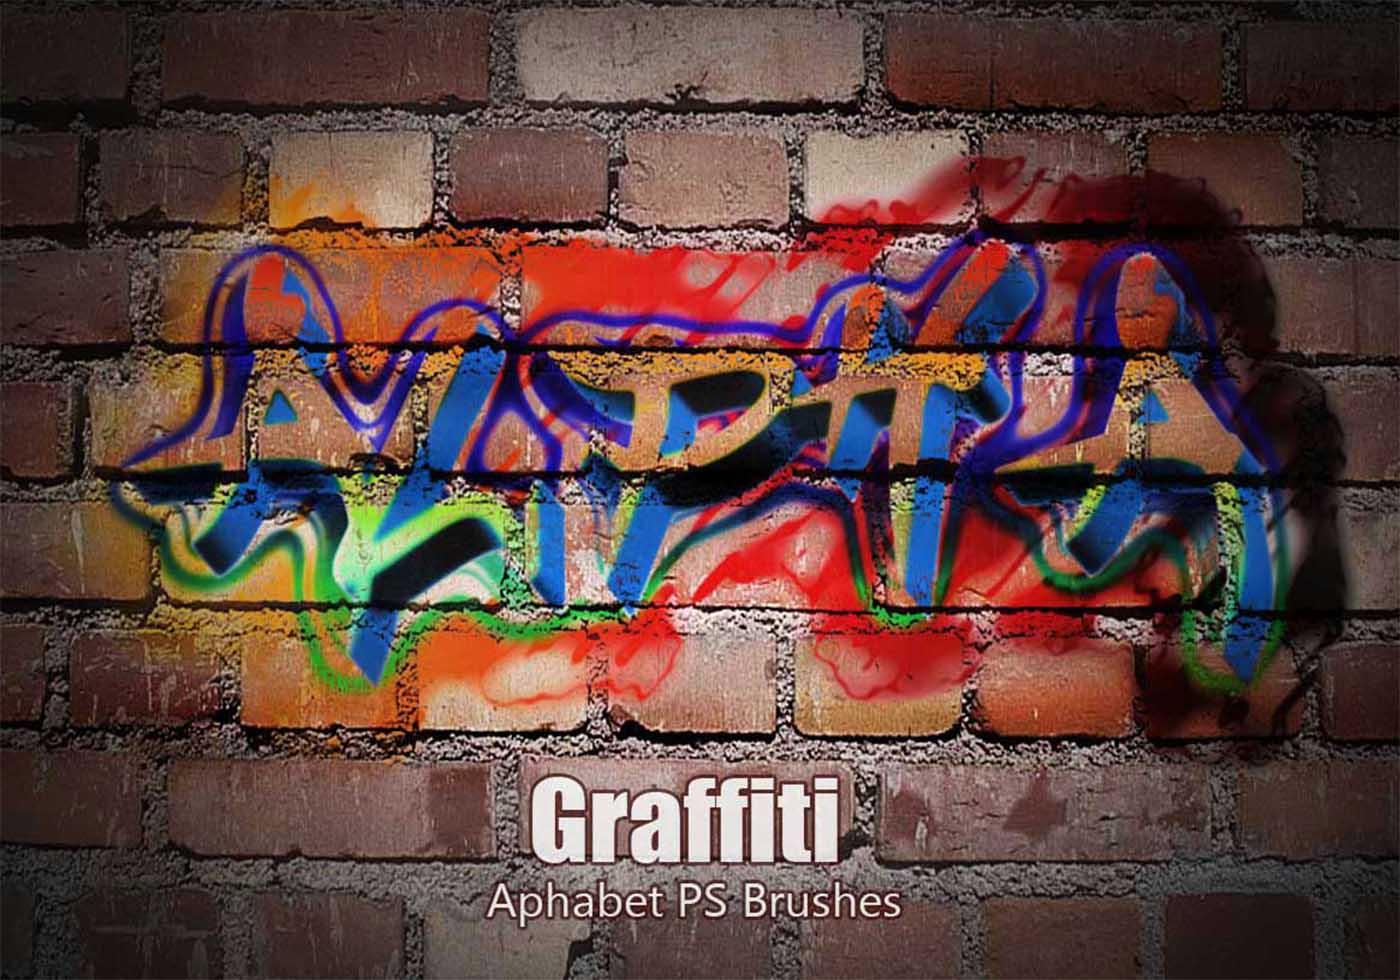 соглашусь, что граффити текст для фотошопа сыпать столько, сколько